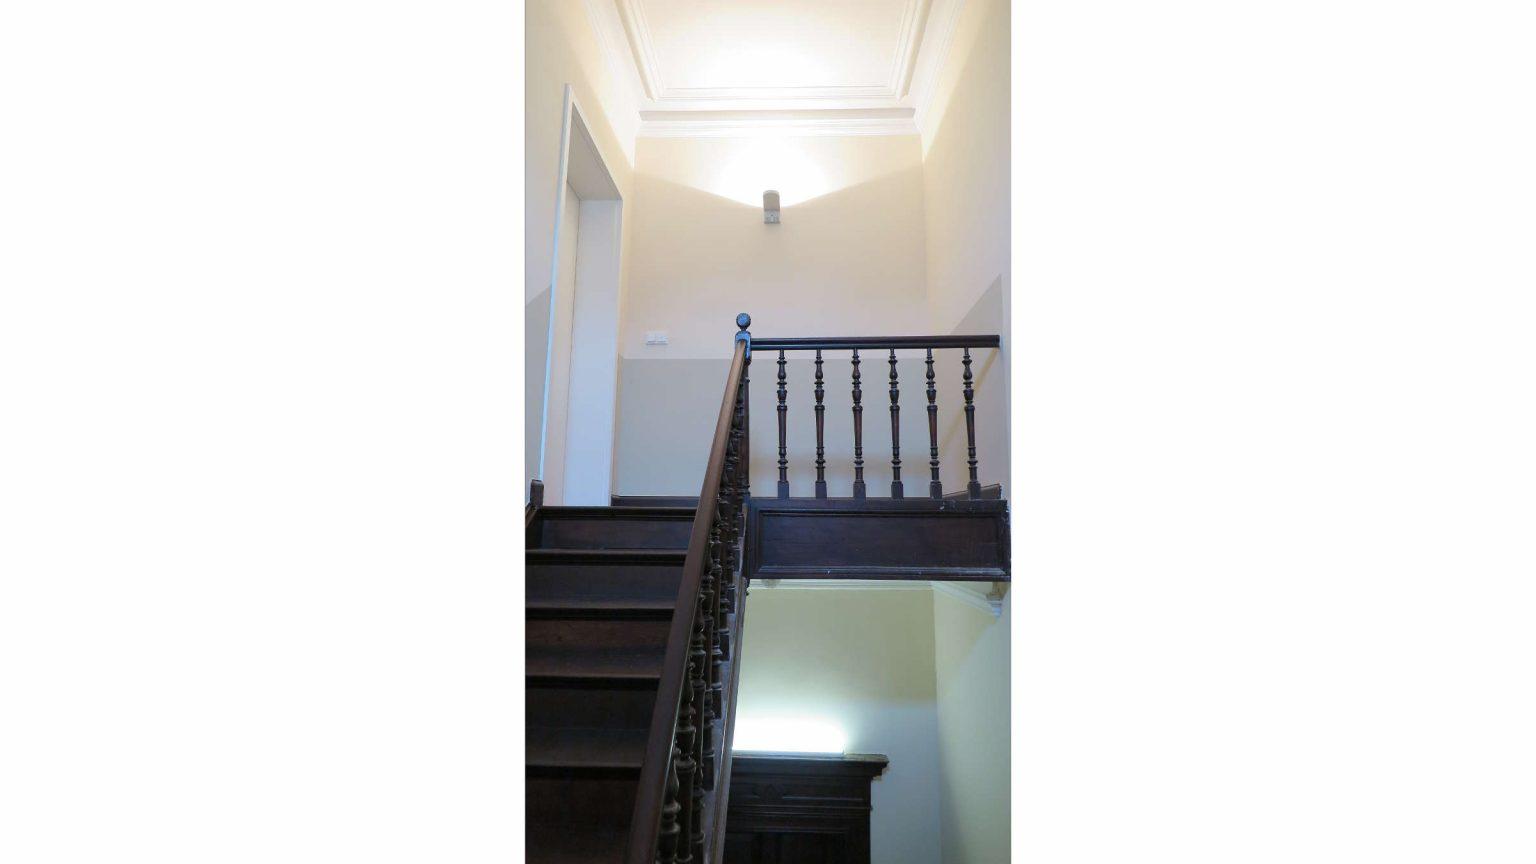 Architekt Koeln Denkmalschutz Treppengeländer